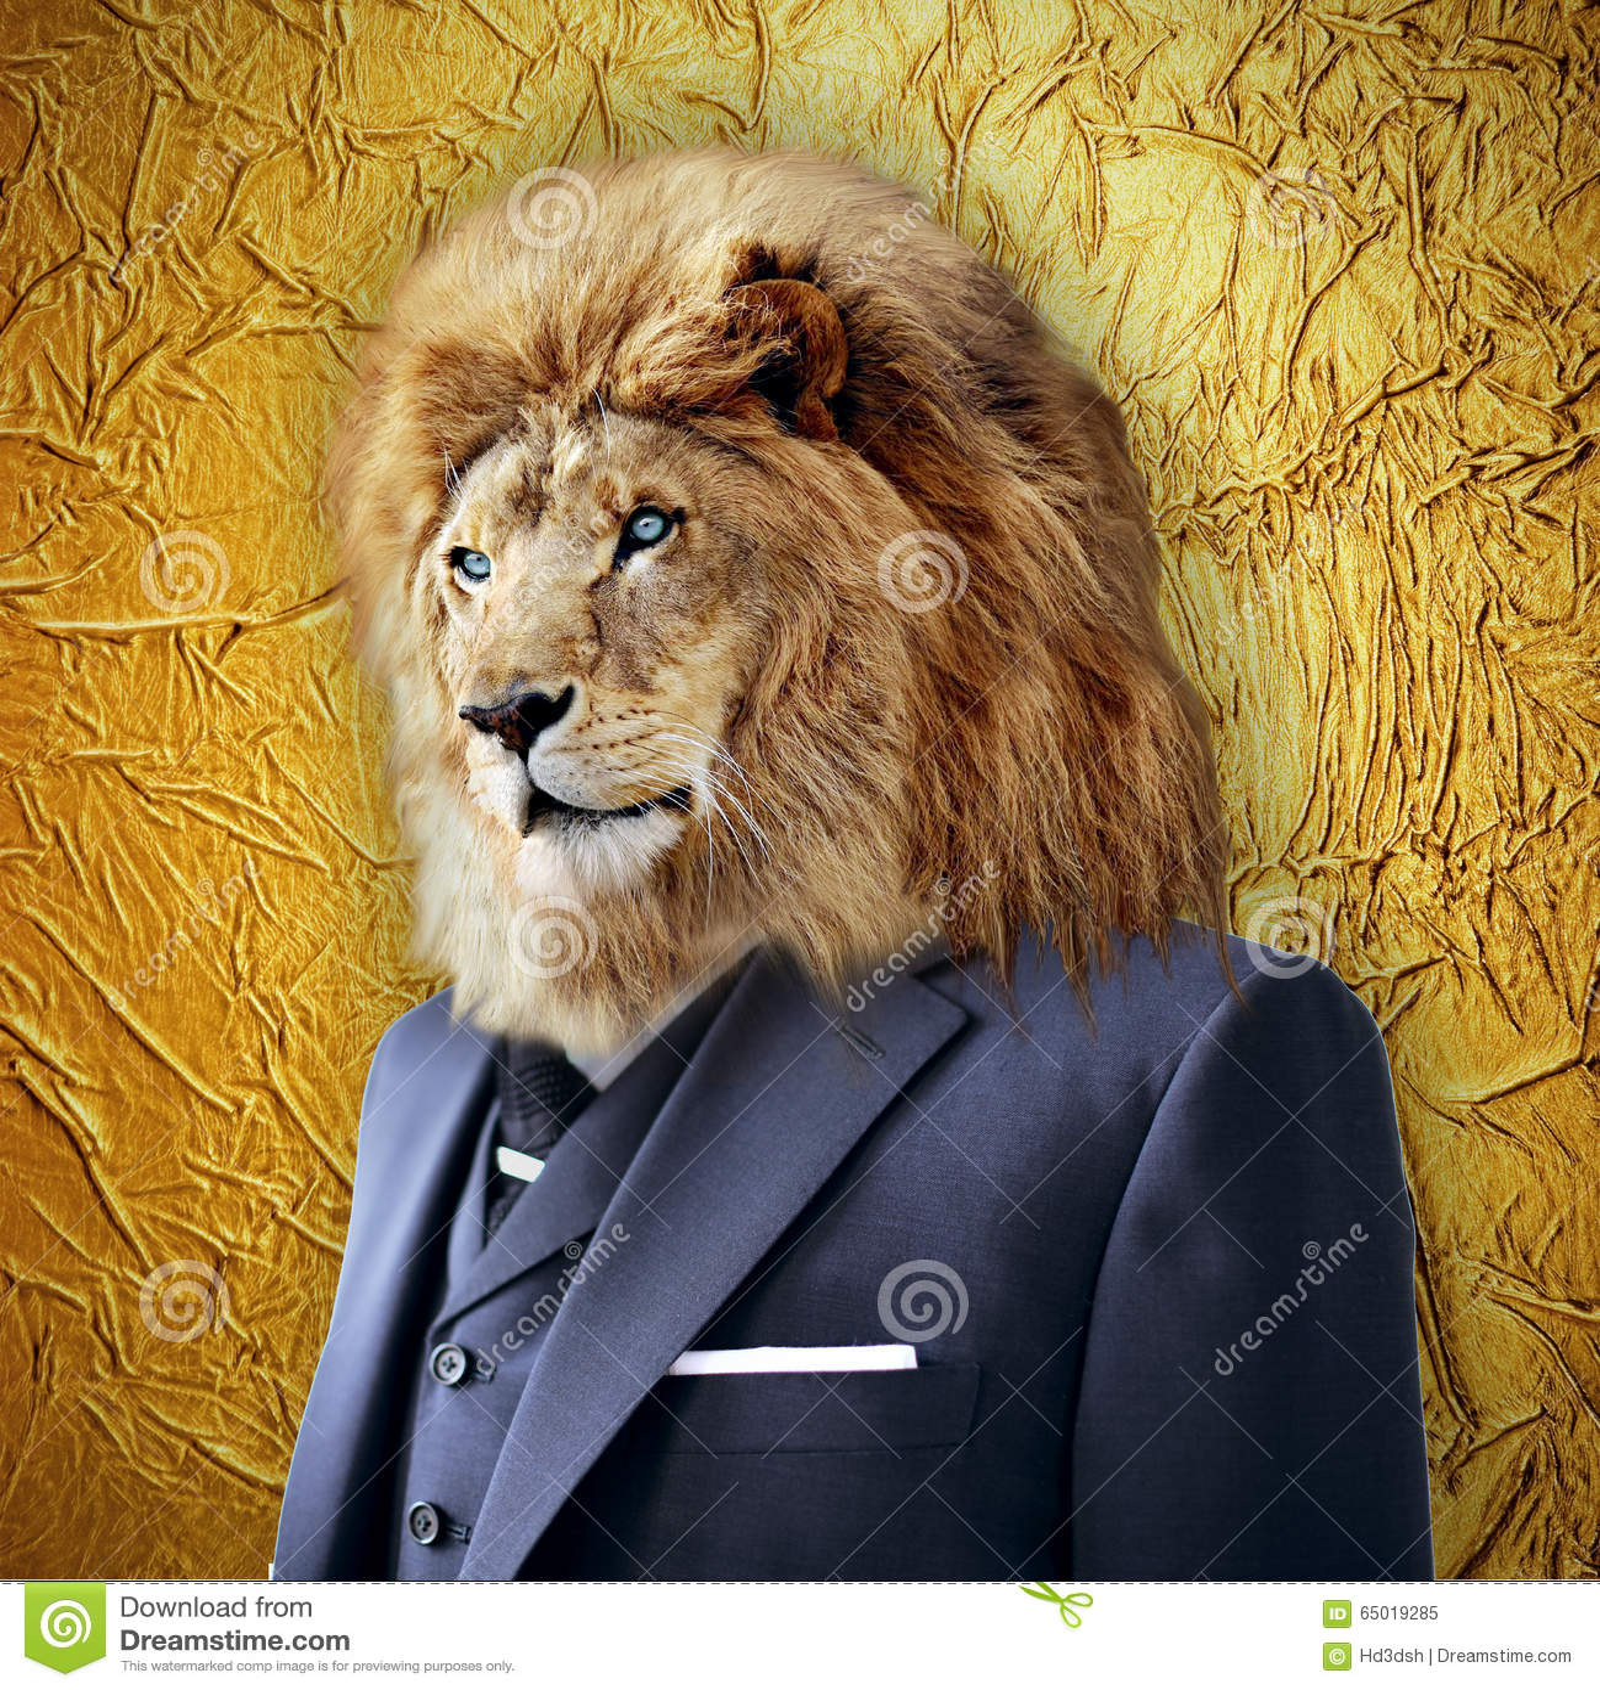 ¿Qué animal te representa? Lion-suit-business-concept-gold-background-65019285